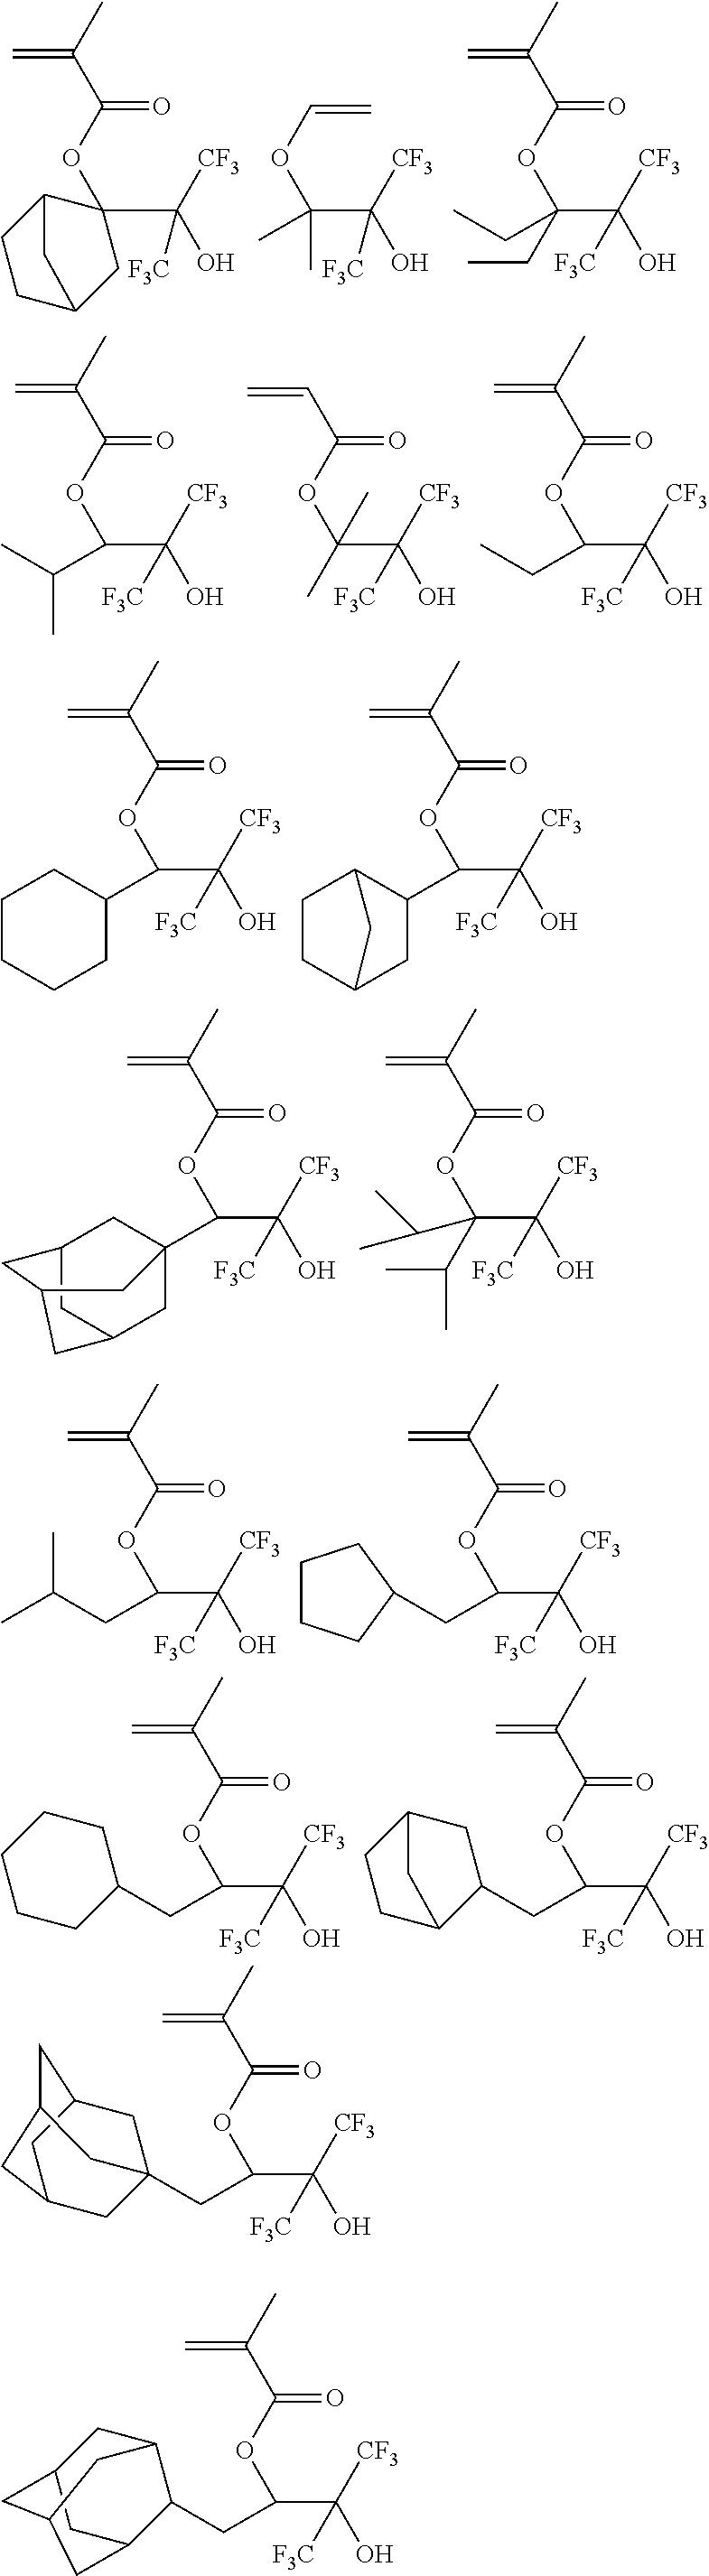 Figure US20110294070A1-20111201-C00044